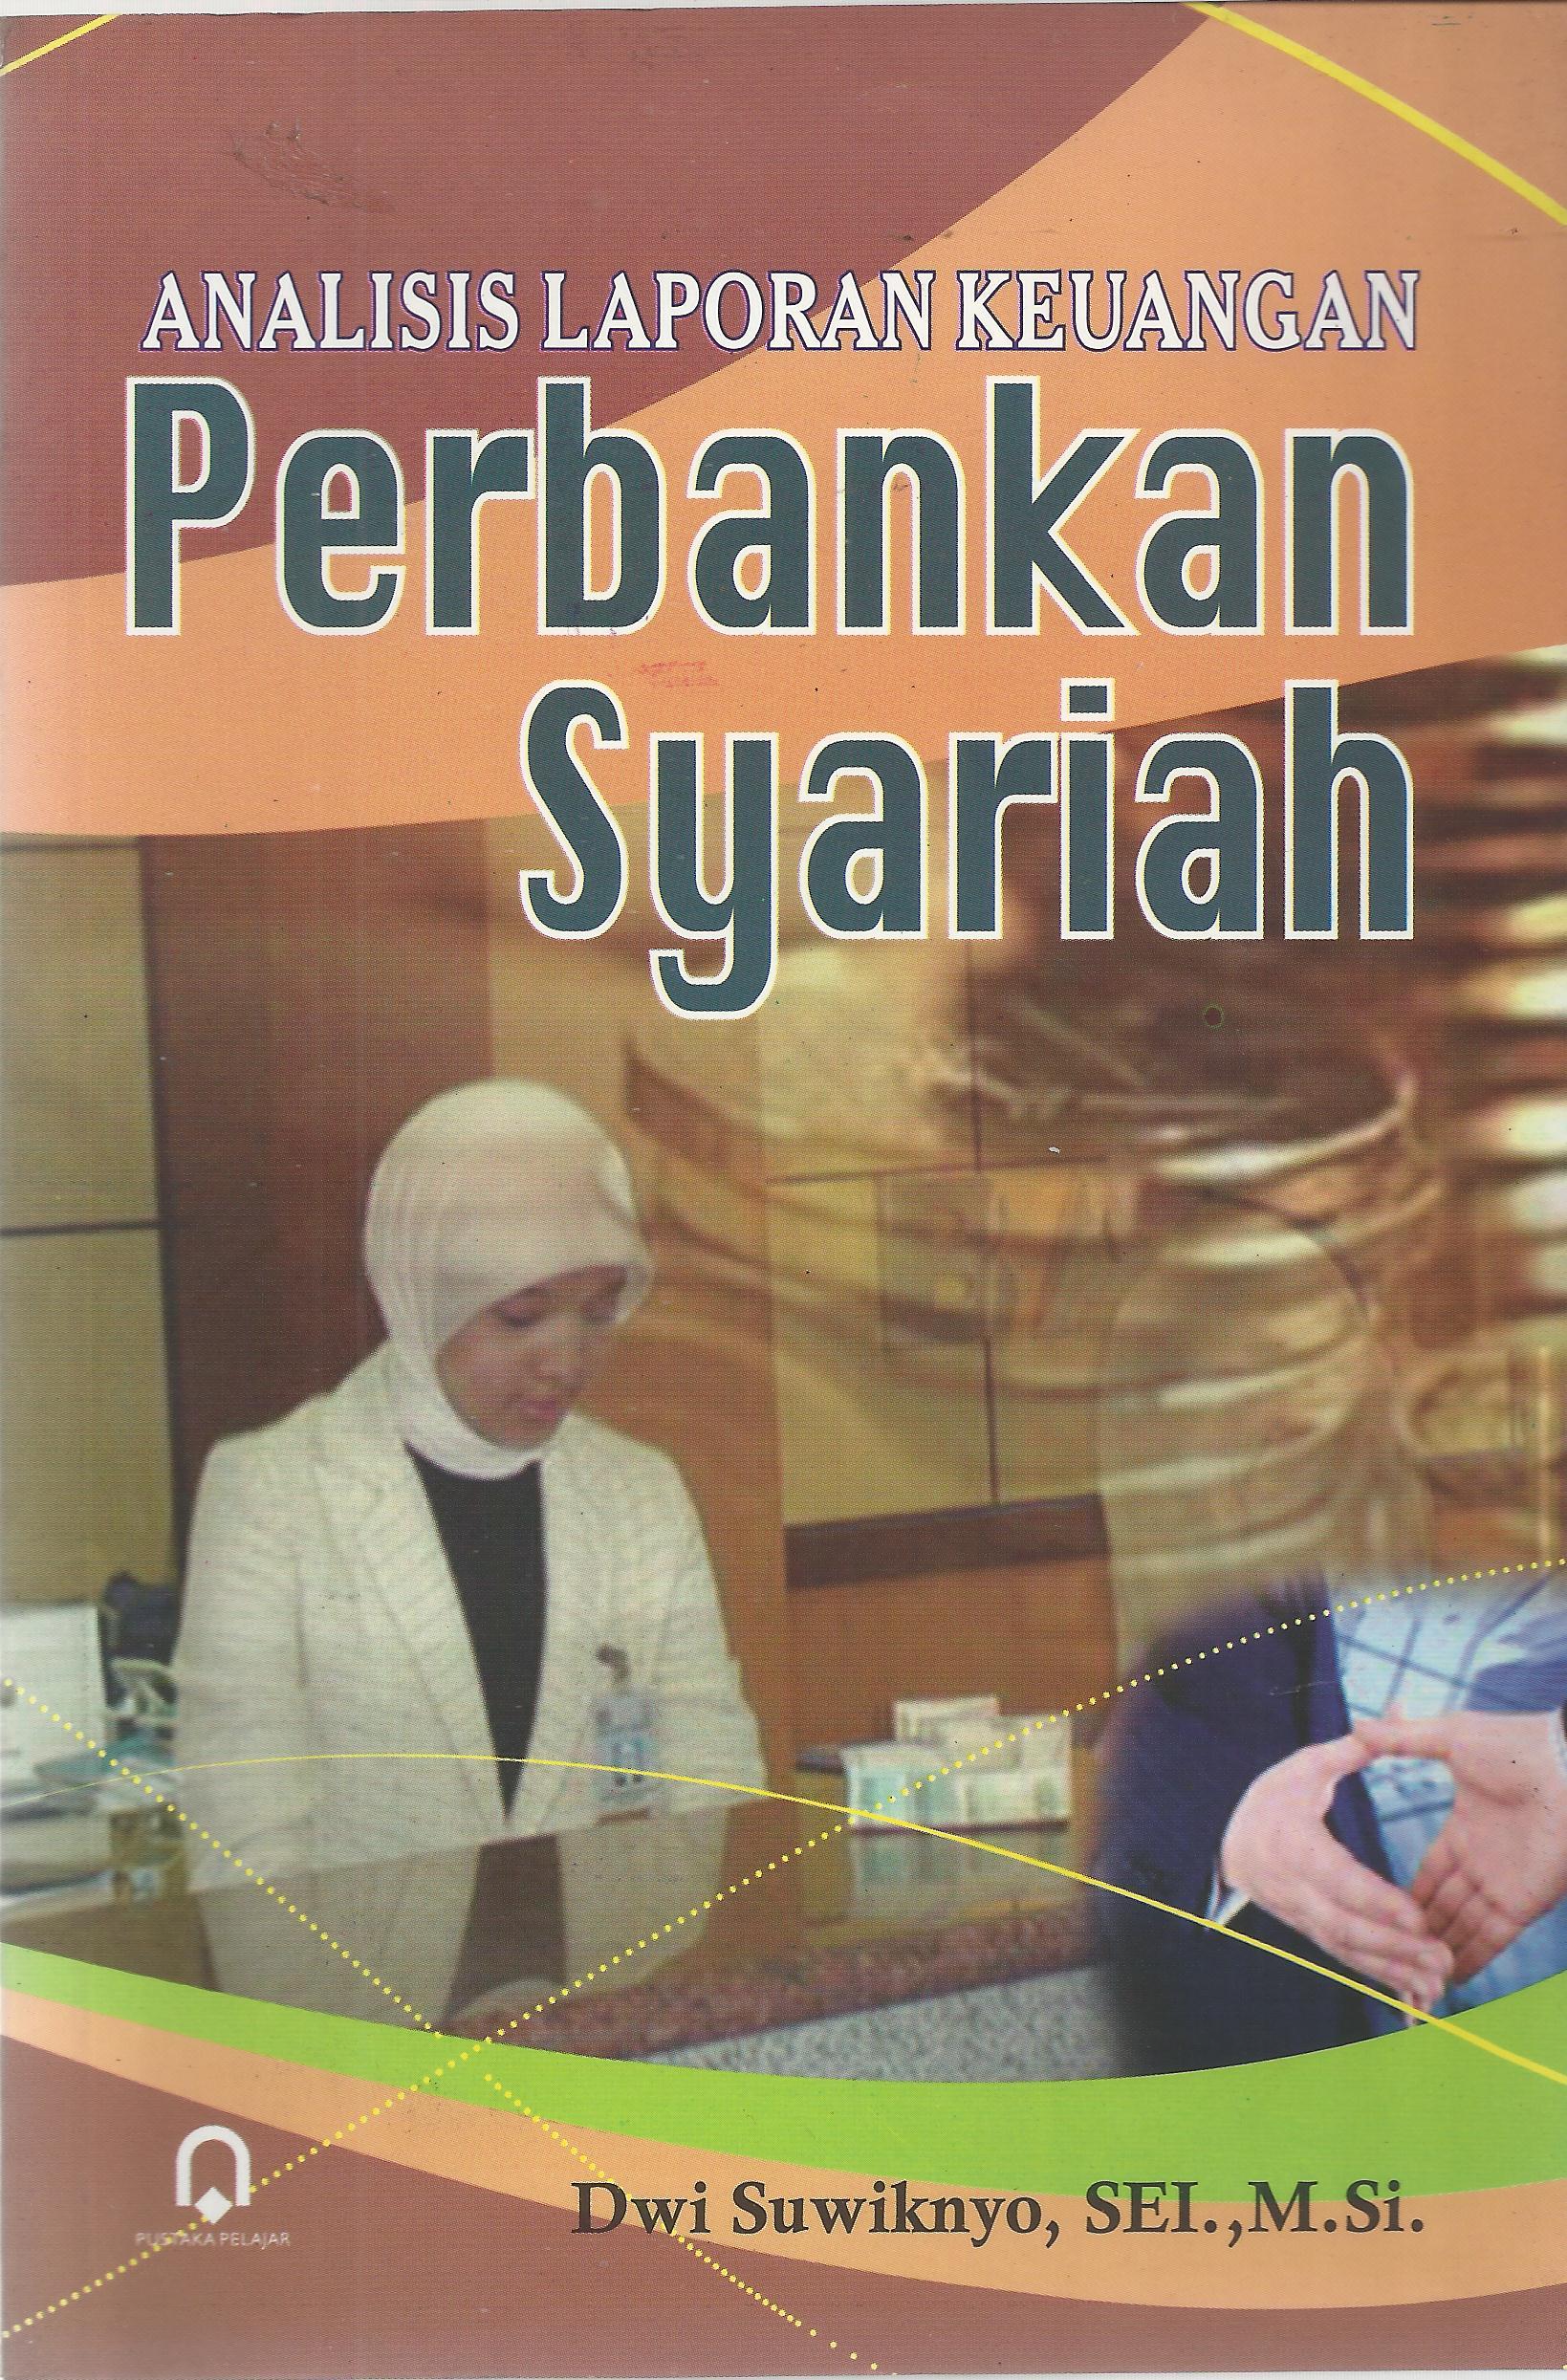 Analisis Laporan Keuangan Perbankan Syariah